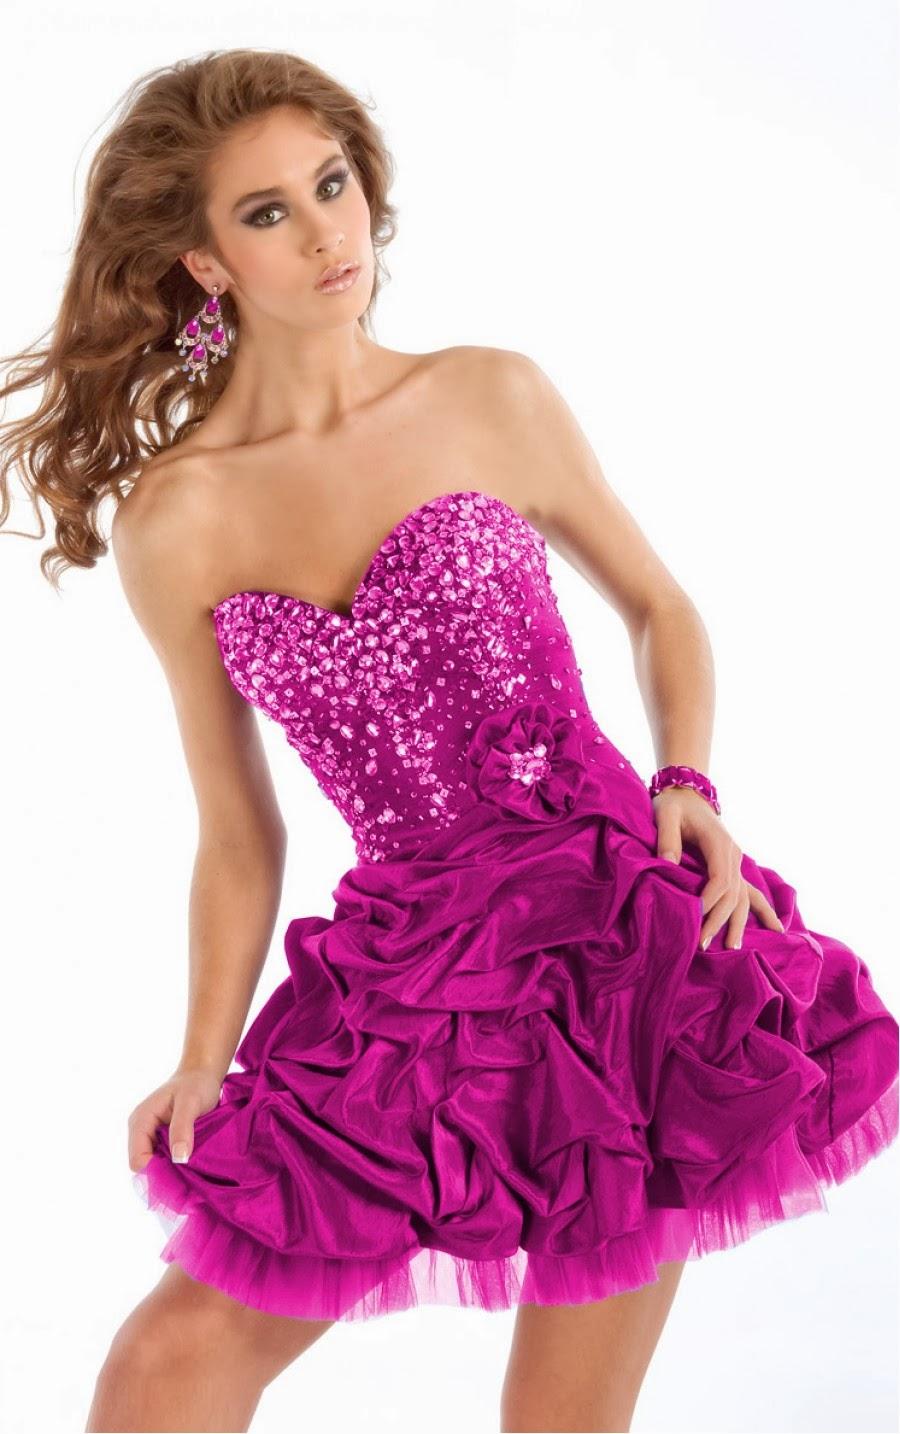 Hermosos vestidos de fiesta 2014 | 101 Vestidos de Moda | 2018 - 2019